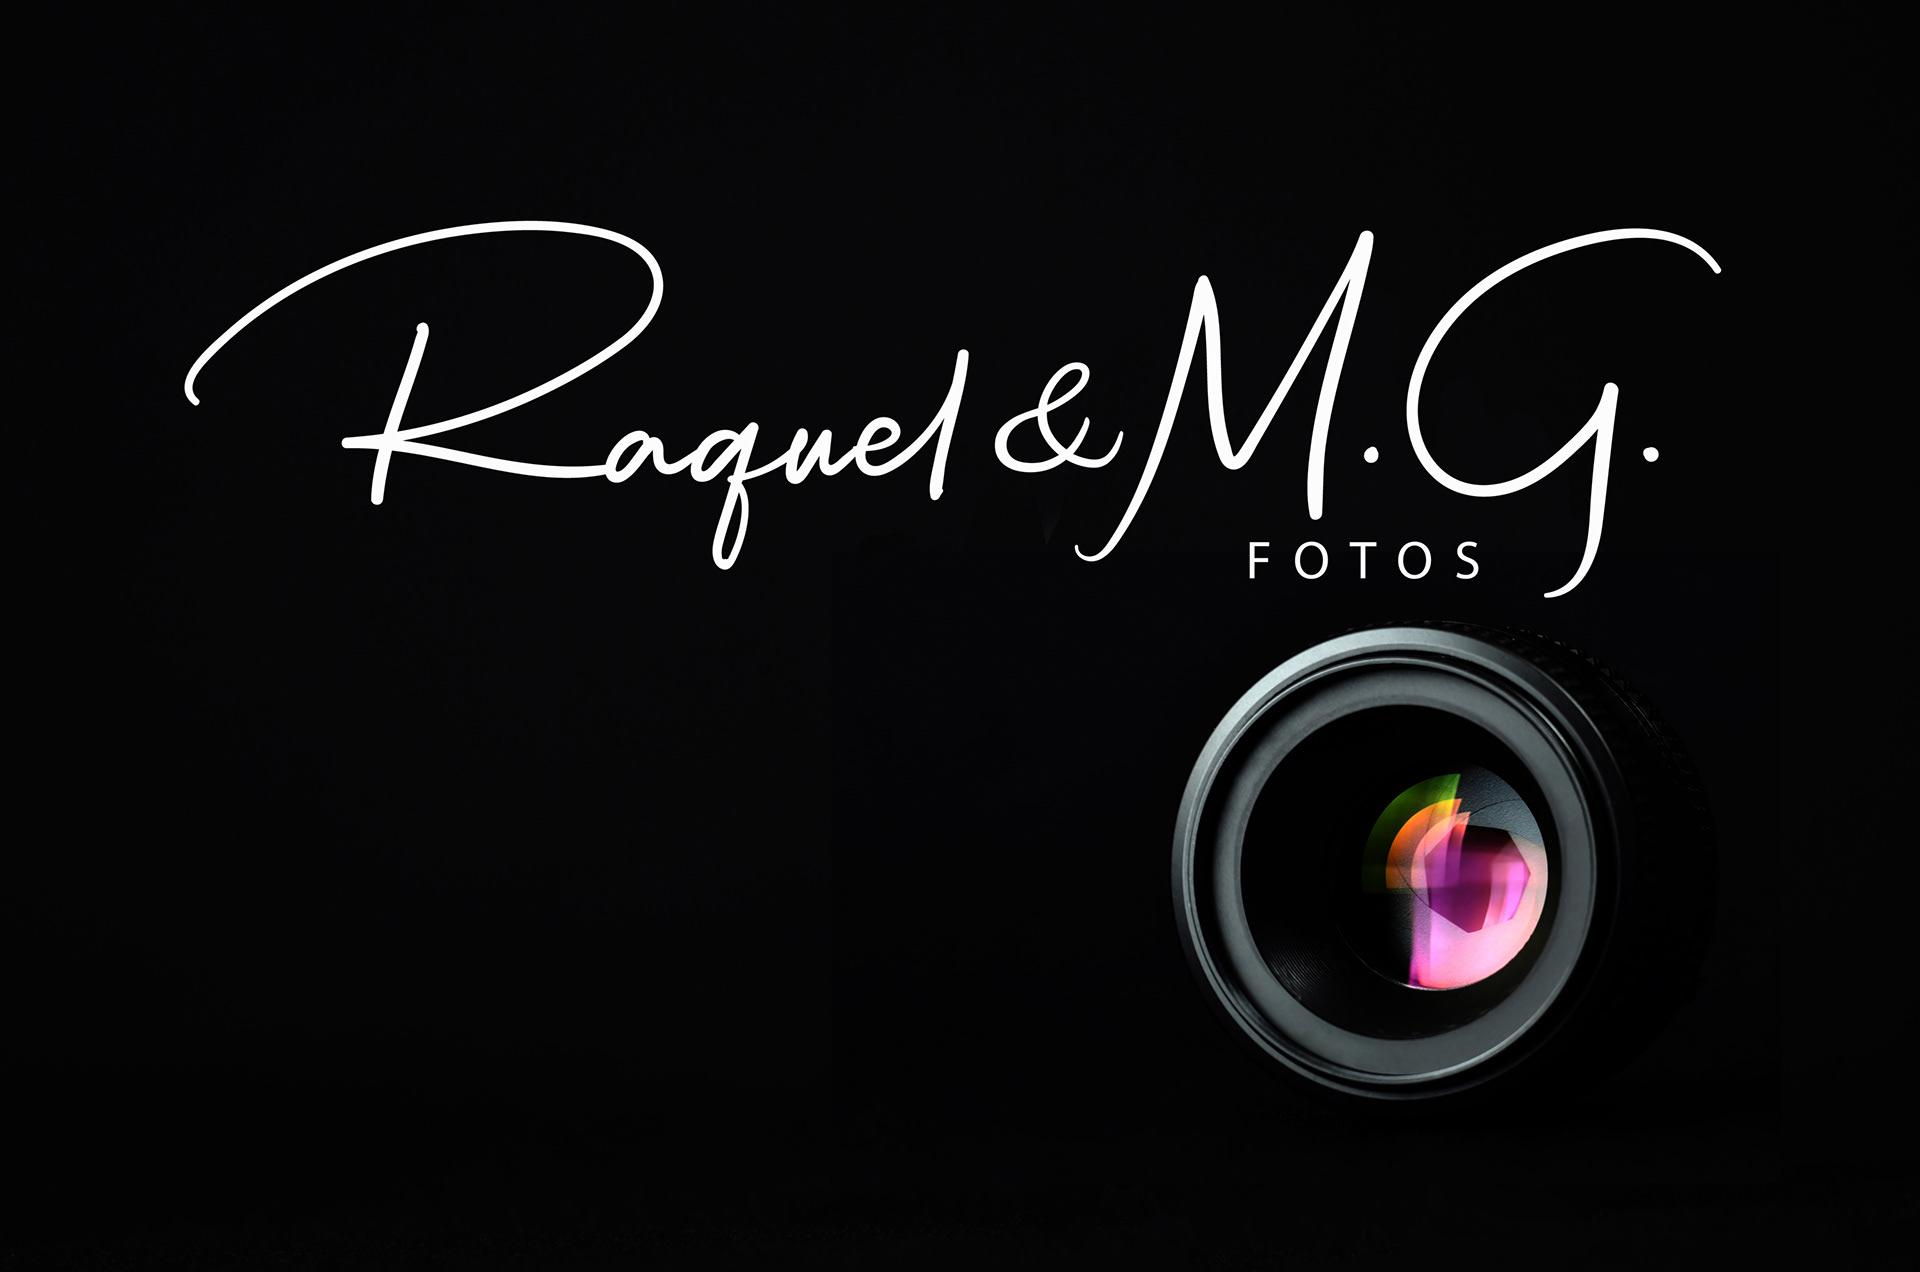 FOTO CLICK / RAQUEL & M.G. FOTOS